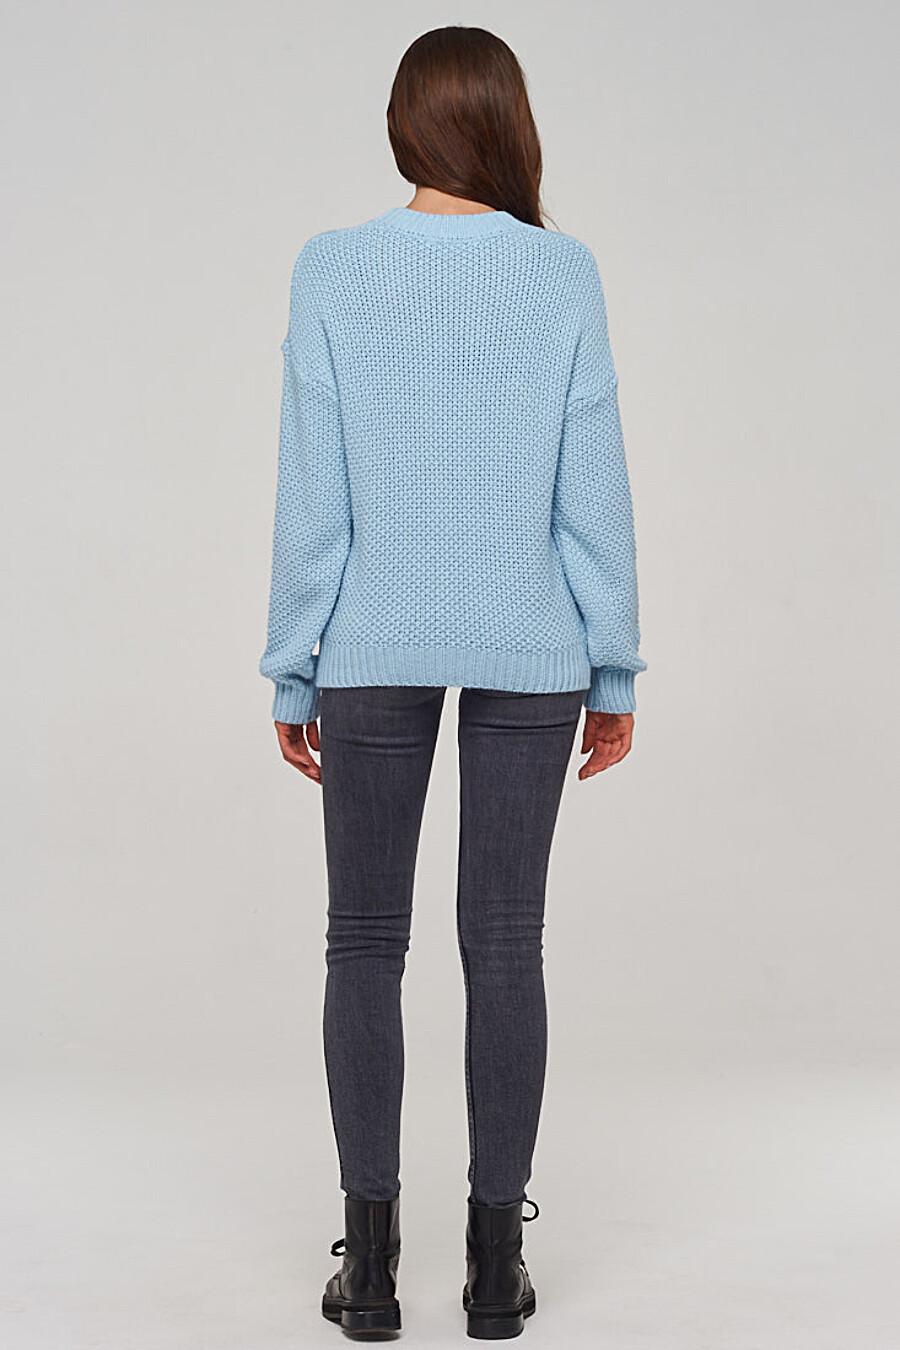 Джемпер для женщин VAY 155274 купить оптом от производителя. Совместная покупка женской одежды в OptMoyo